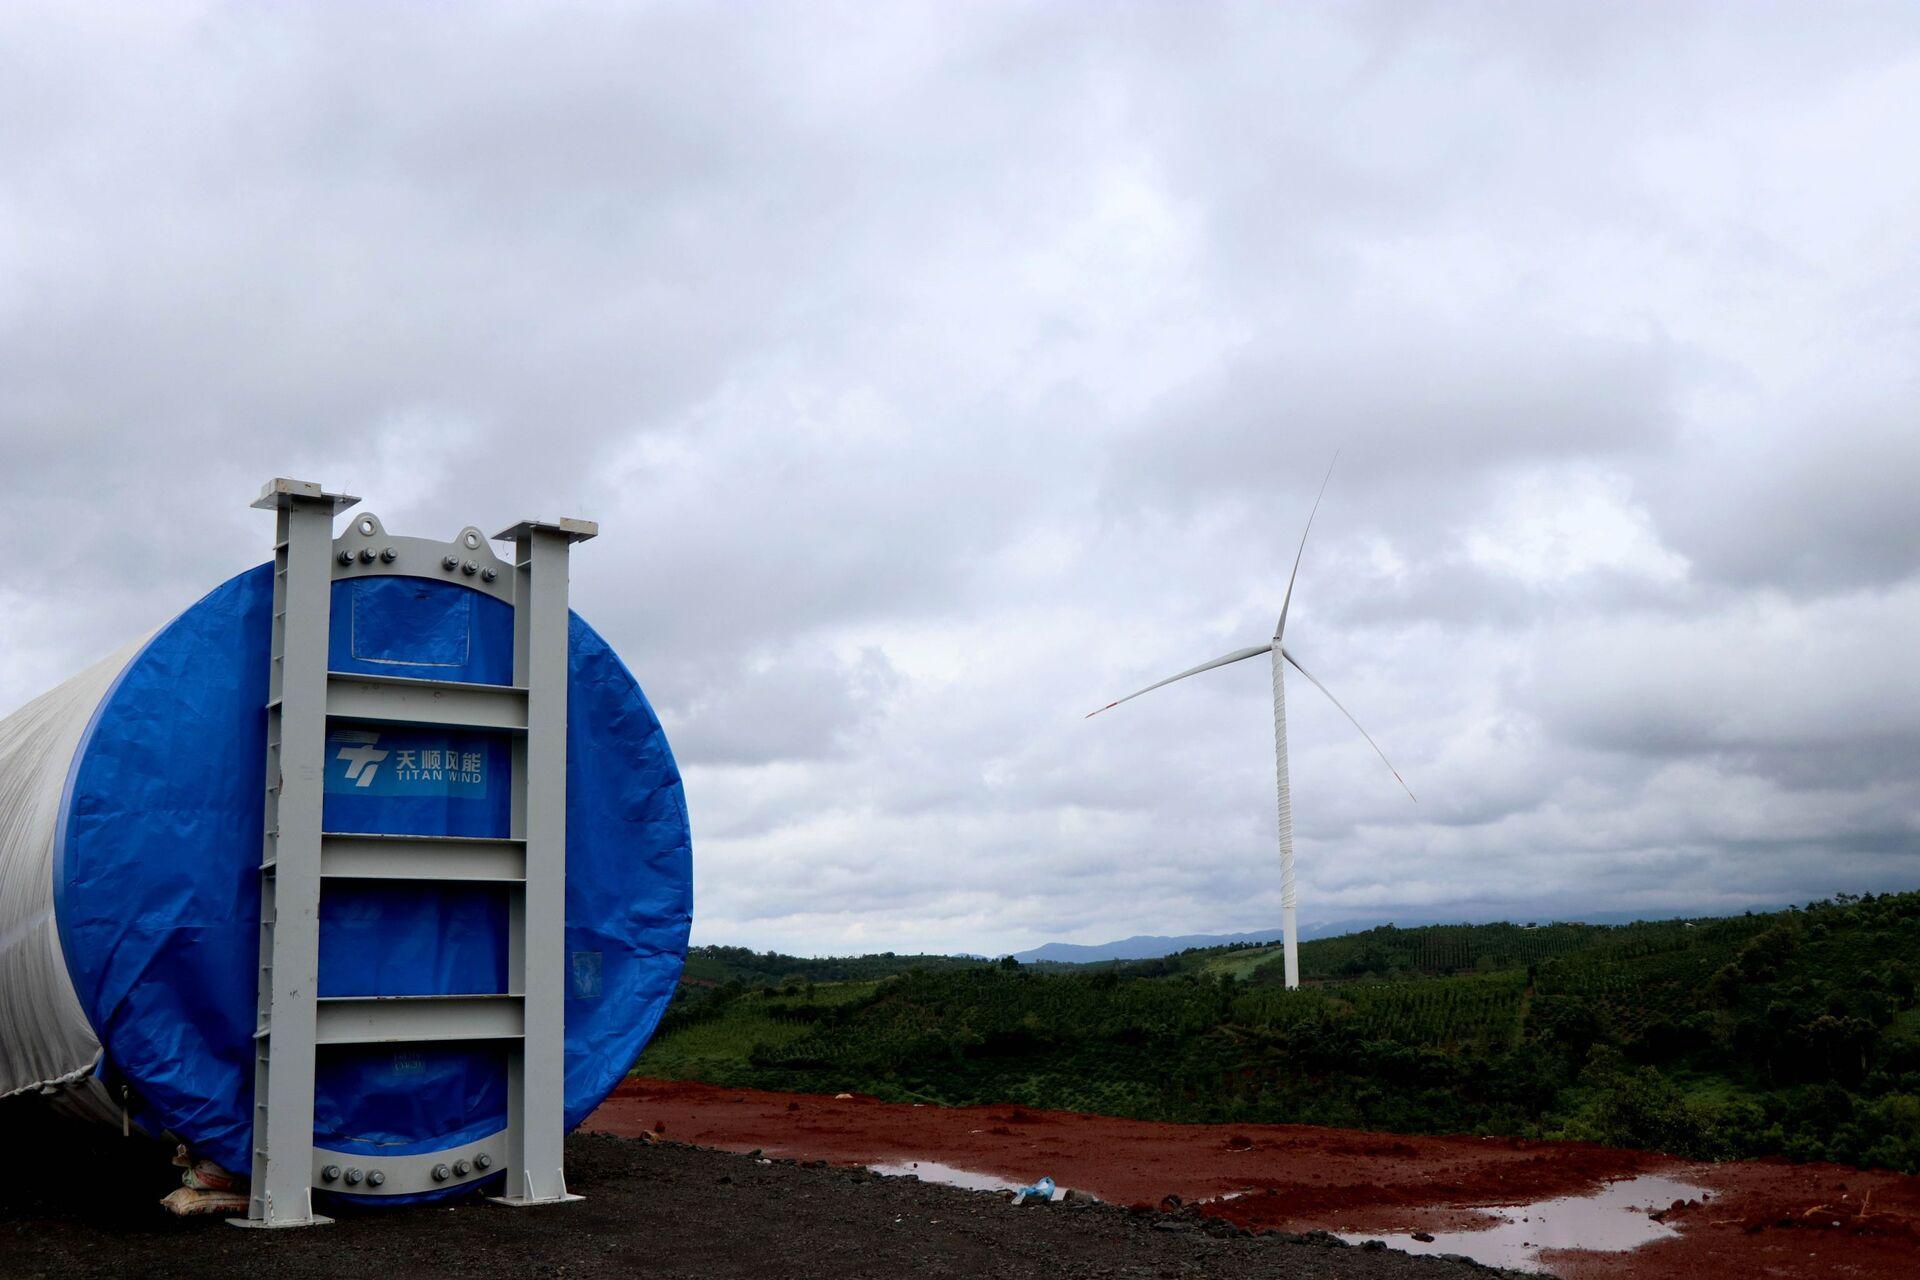 Chủ đầu tư 6 dự án điện gió tại tỉnh Đắk Nông đang đẩy nhanh tiến độ các dự án trong bối cảnh chỉ còn hơn 1 tháng nữa (1/11/2021) là tới hạn định đưa công trình vào vận hành để được hưởng giá điện ưu đãi theo Quyết định số 39/2018/QĐ-TTg, ngày 10/9/2018 của Thủ tướng Chính phủ về cơ chế hỗ trợ phát triển các dự án điện gió tại Việt Nam.  - Sputnik Việt Nam, 1920, 05.10.2021